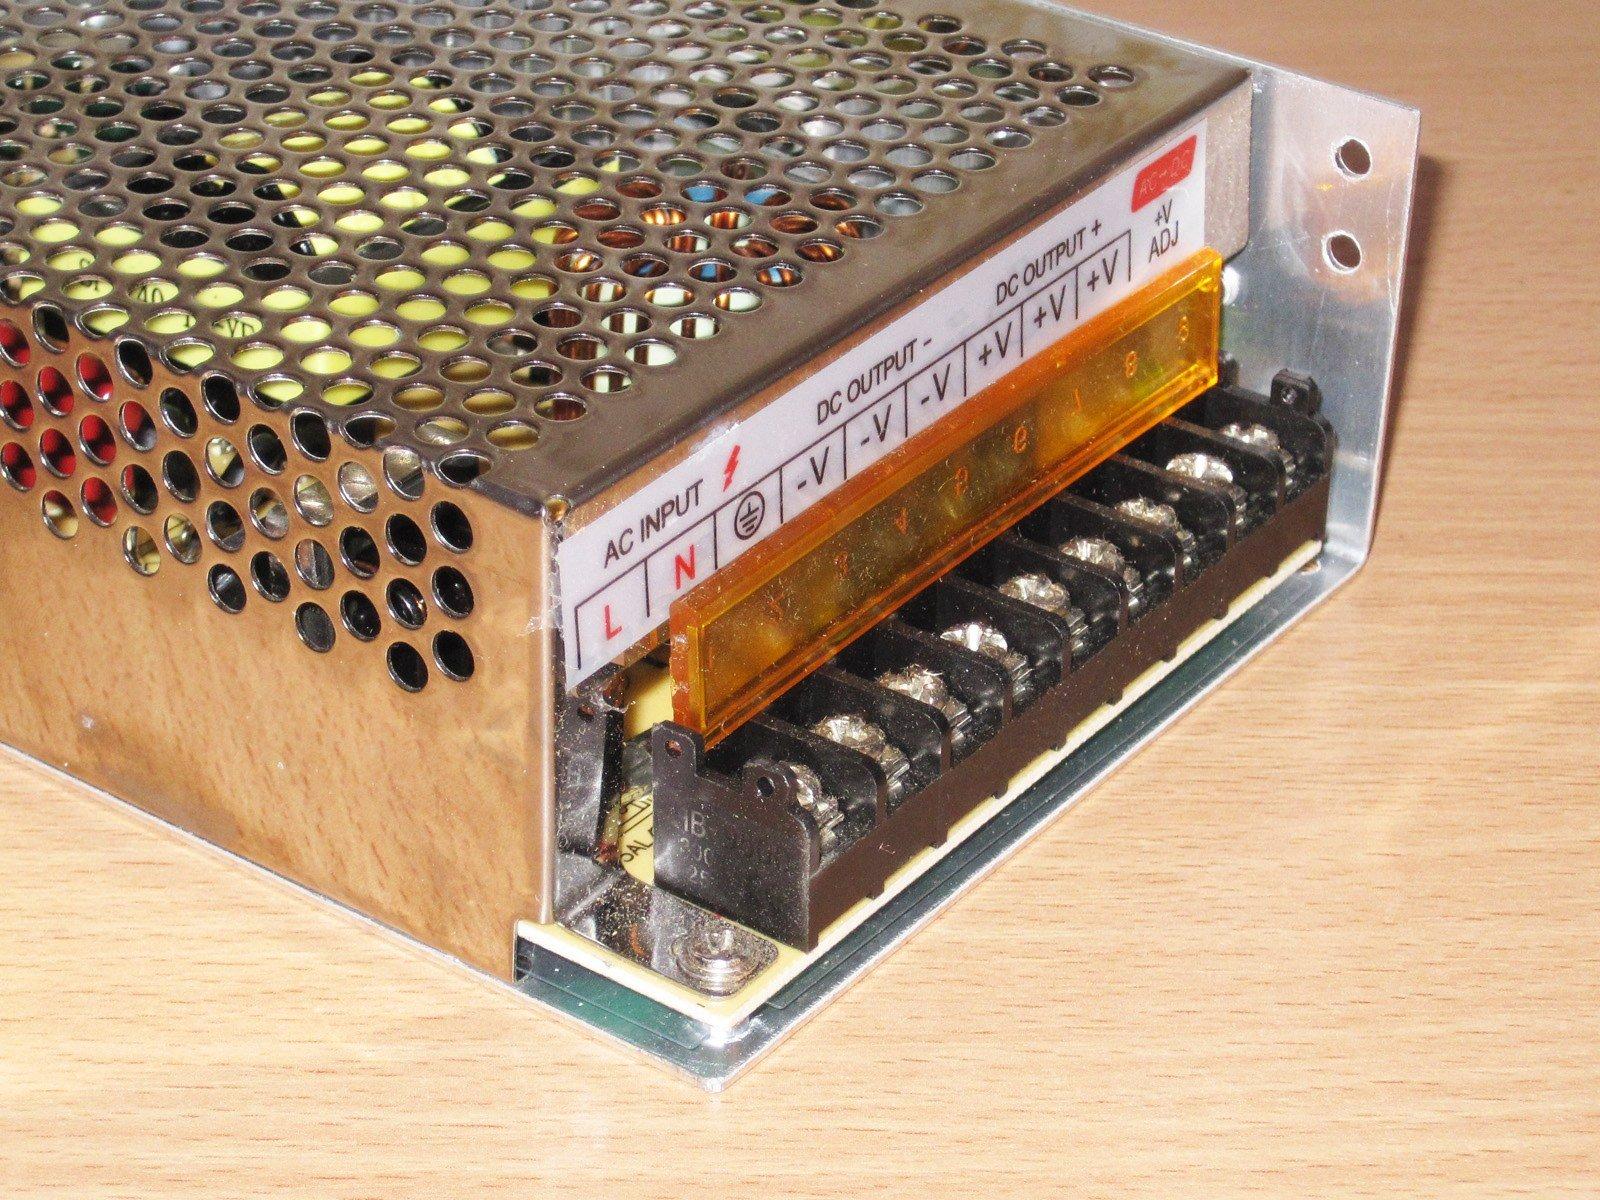 Блок питания р-250 схема